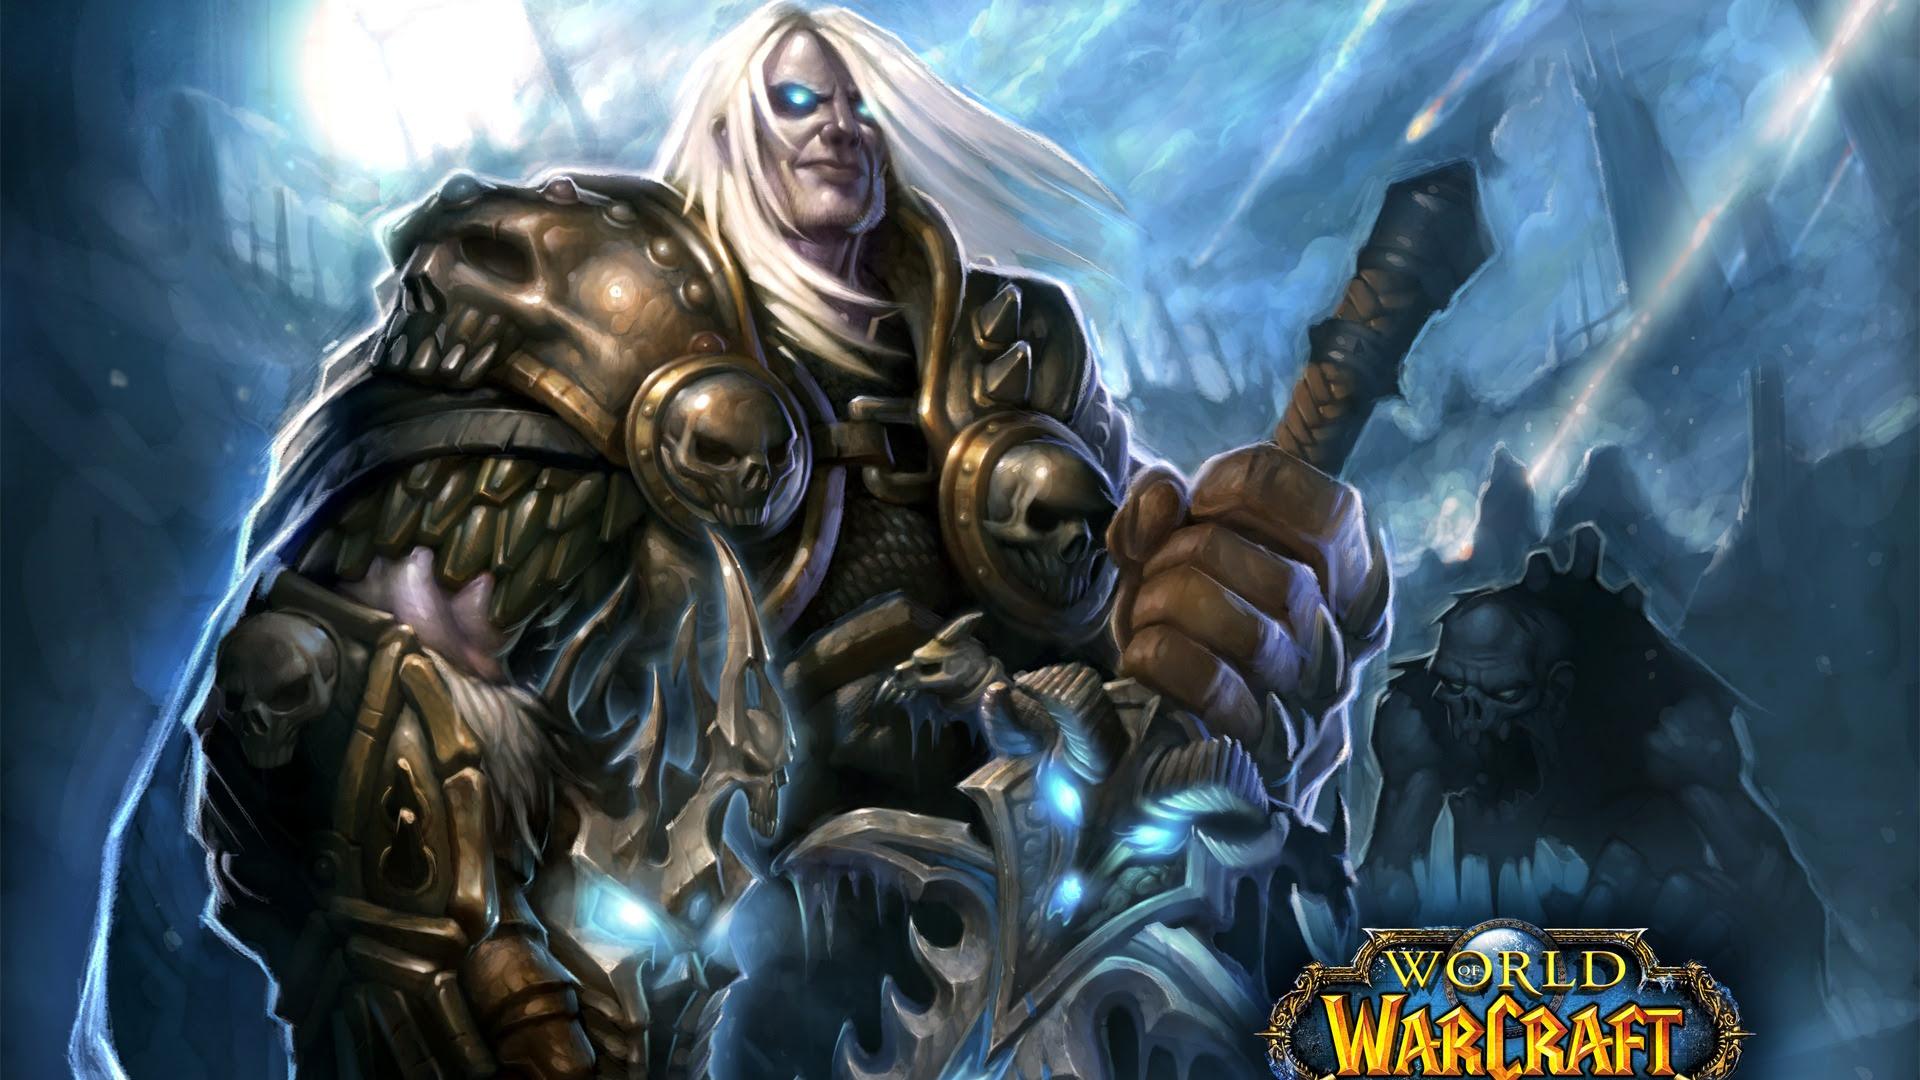 World Of Warcraft Hd Wallpaper Album 2 1 1920x1080 Wallpaper